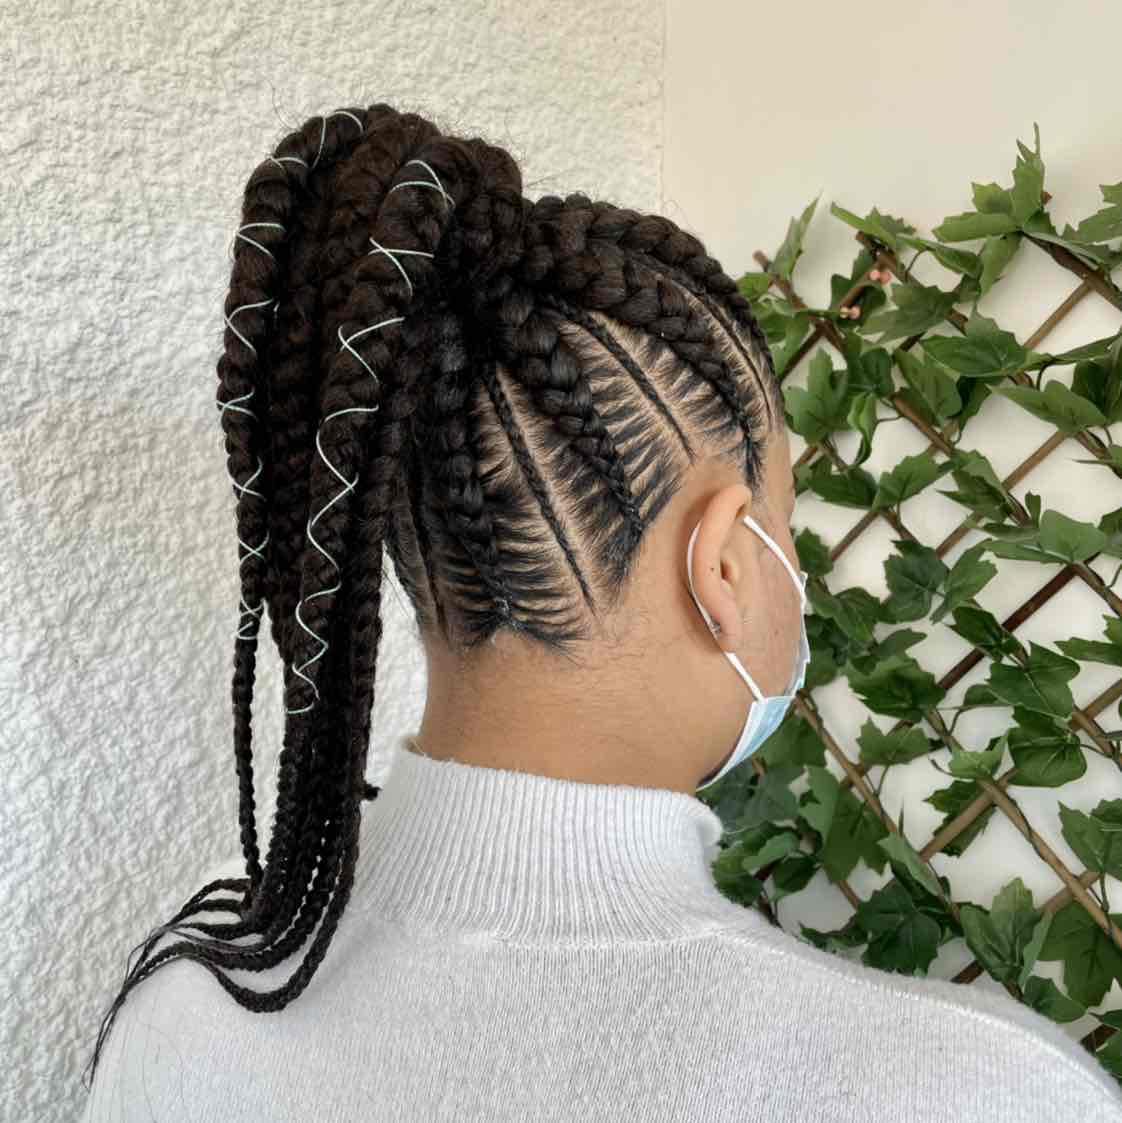 salon de coiffure afro tresse tresses box braids crochet braids vanilles tissages paris 75 77 78 91 92 93 94 95 TPRKIIVQ